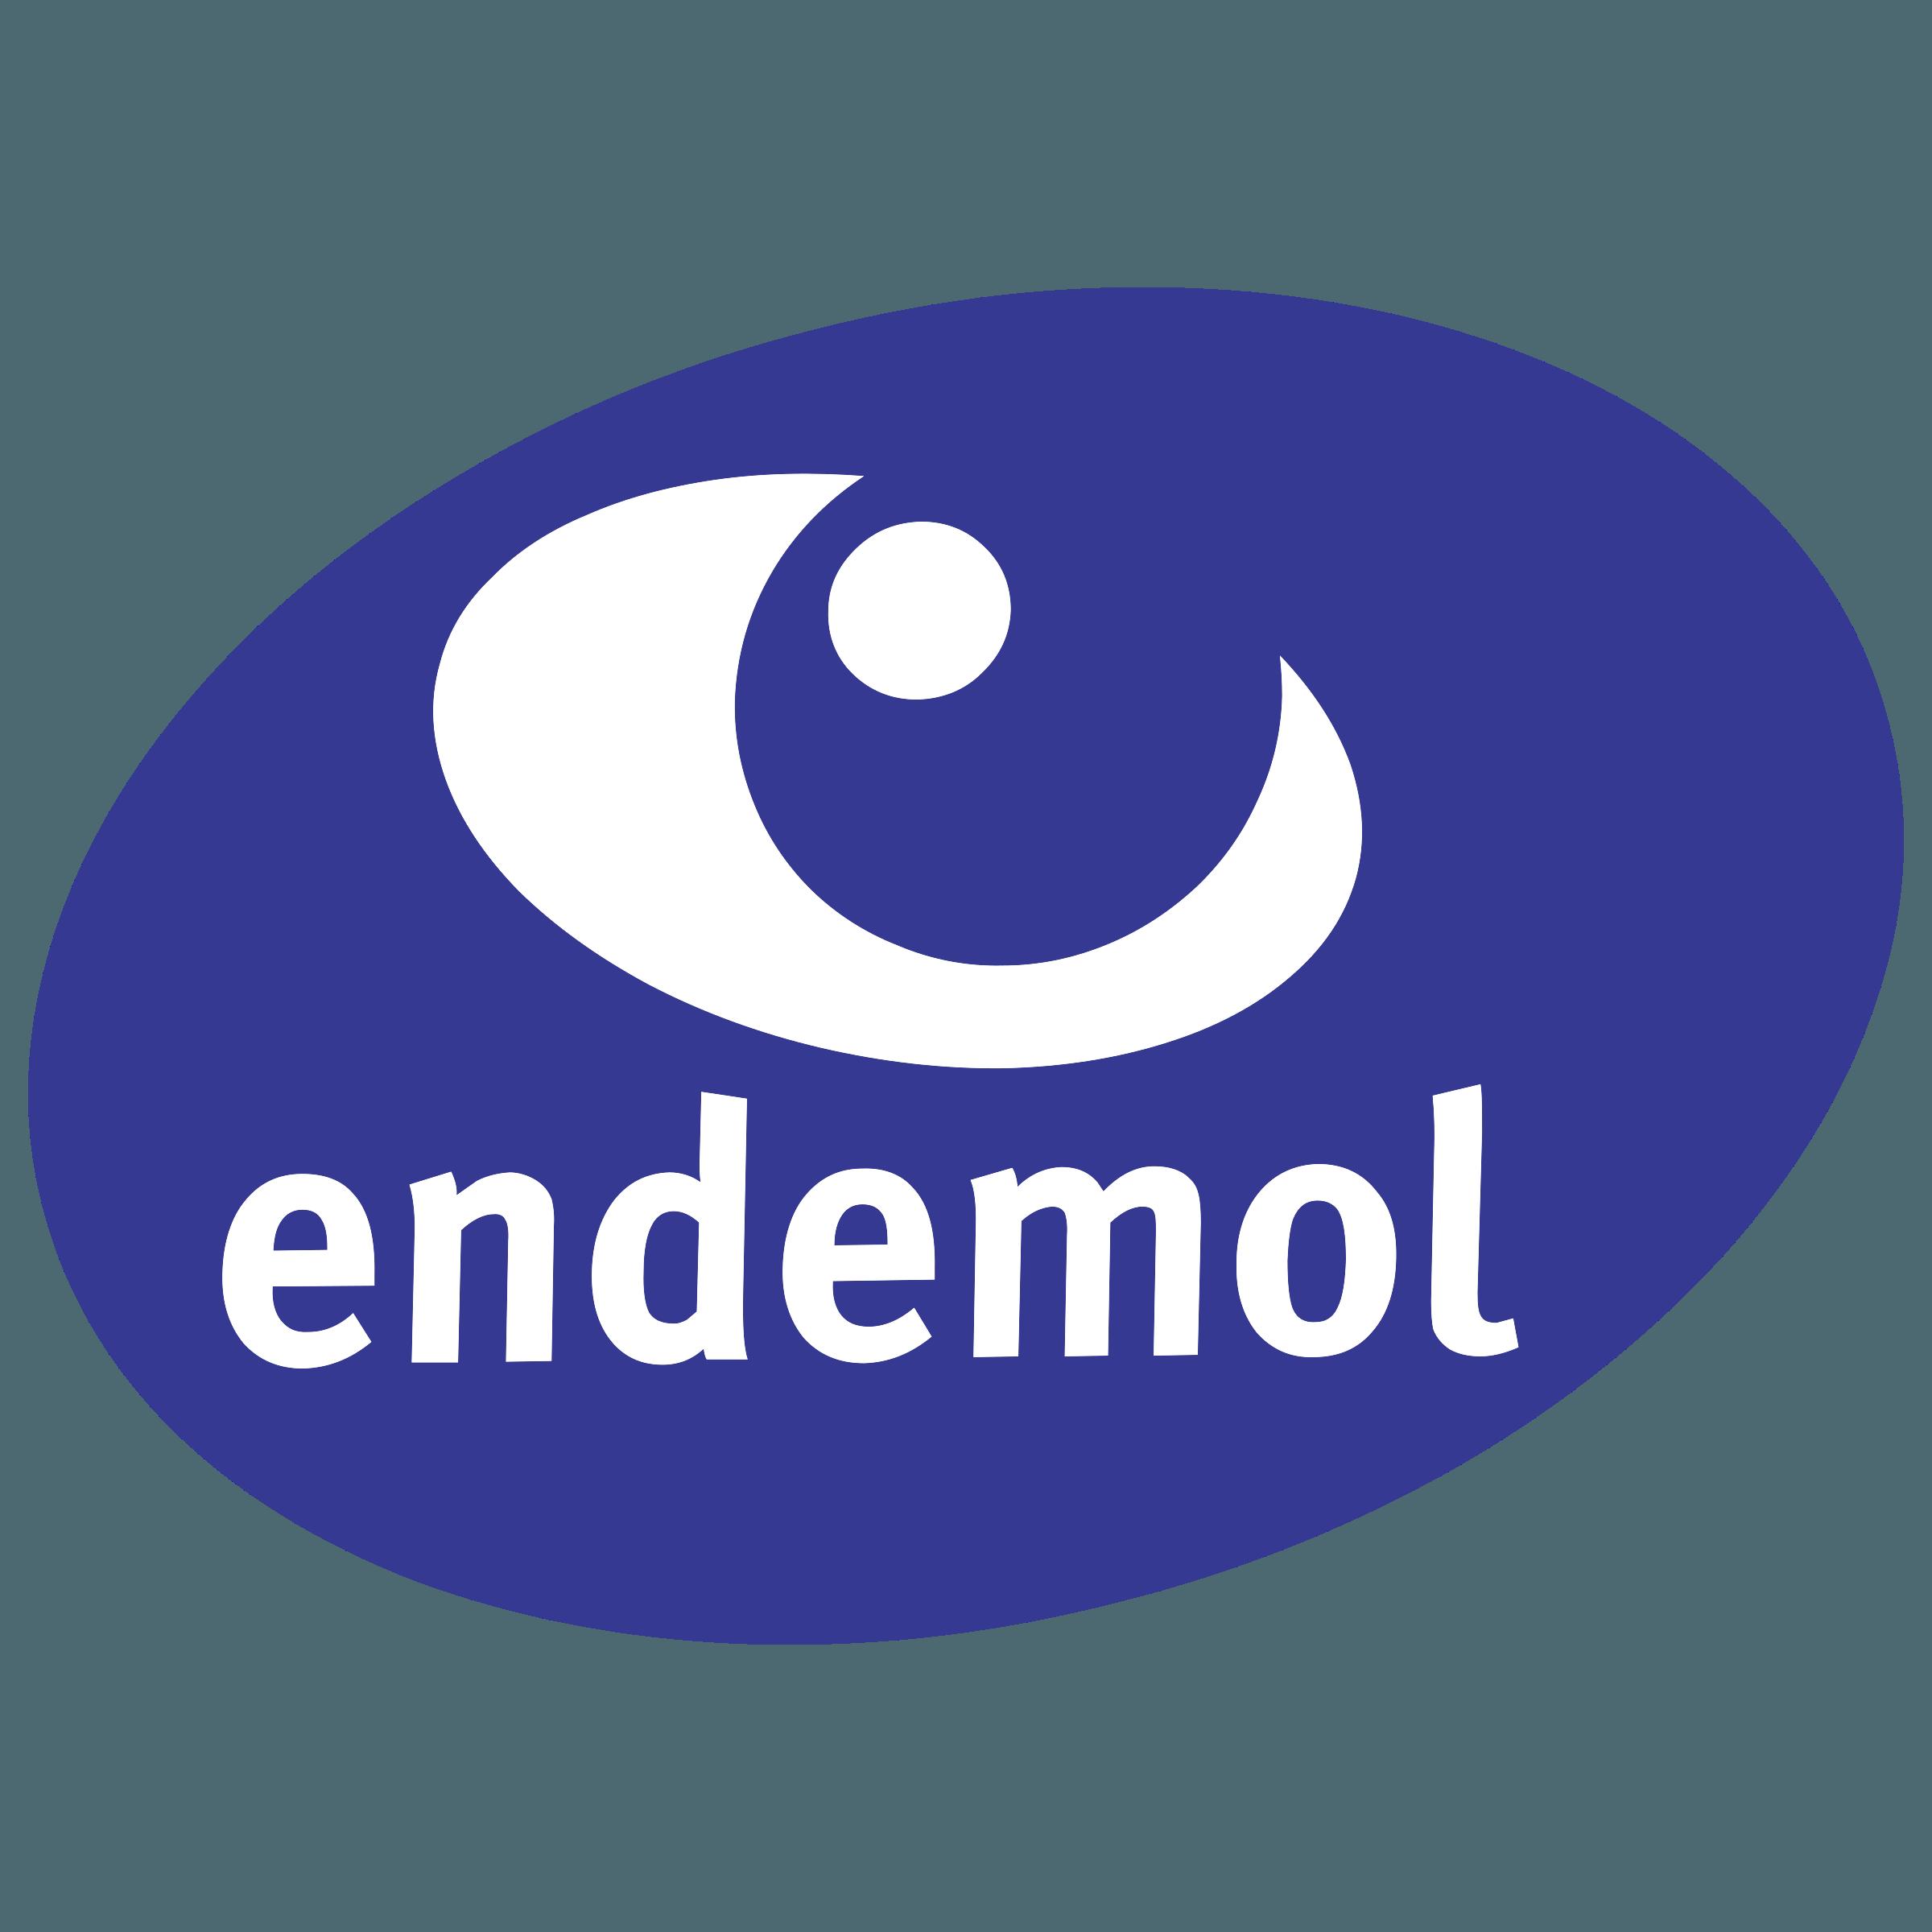 endemol-1-logo-png-transparent